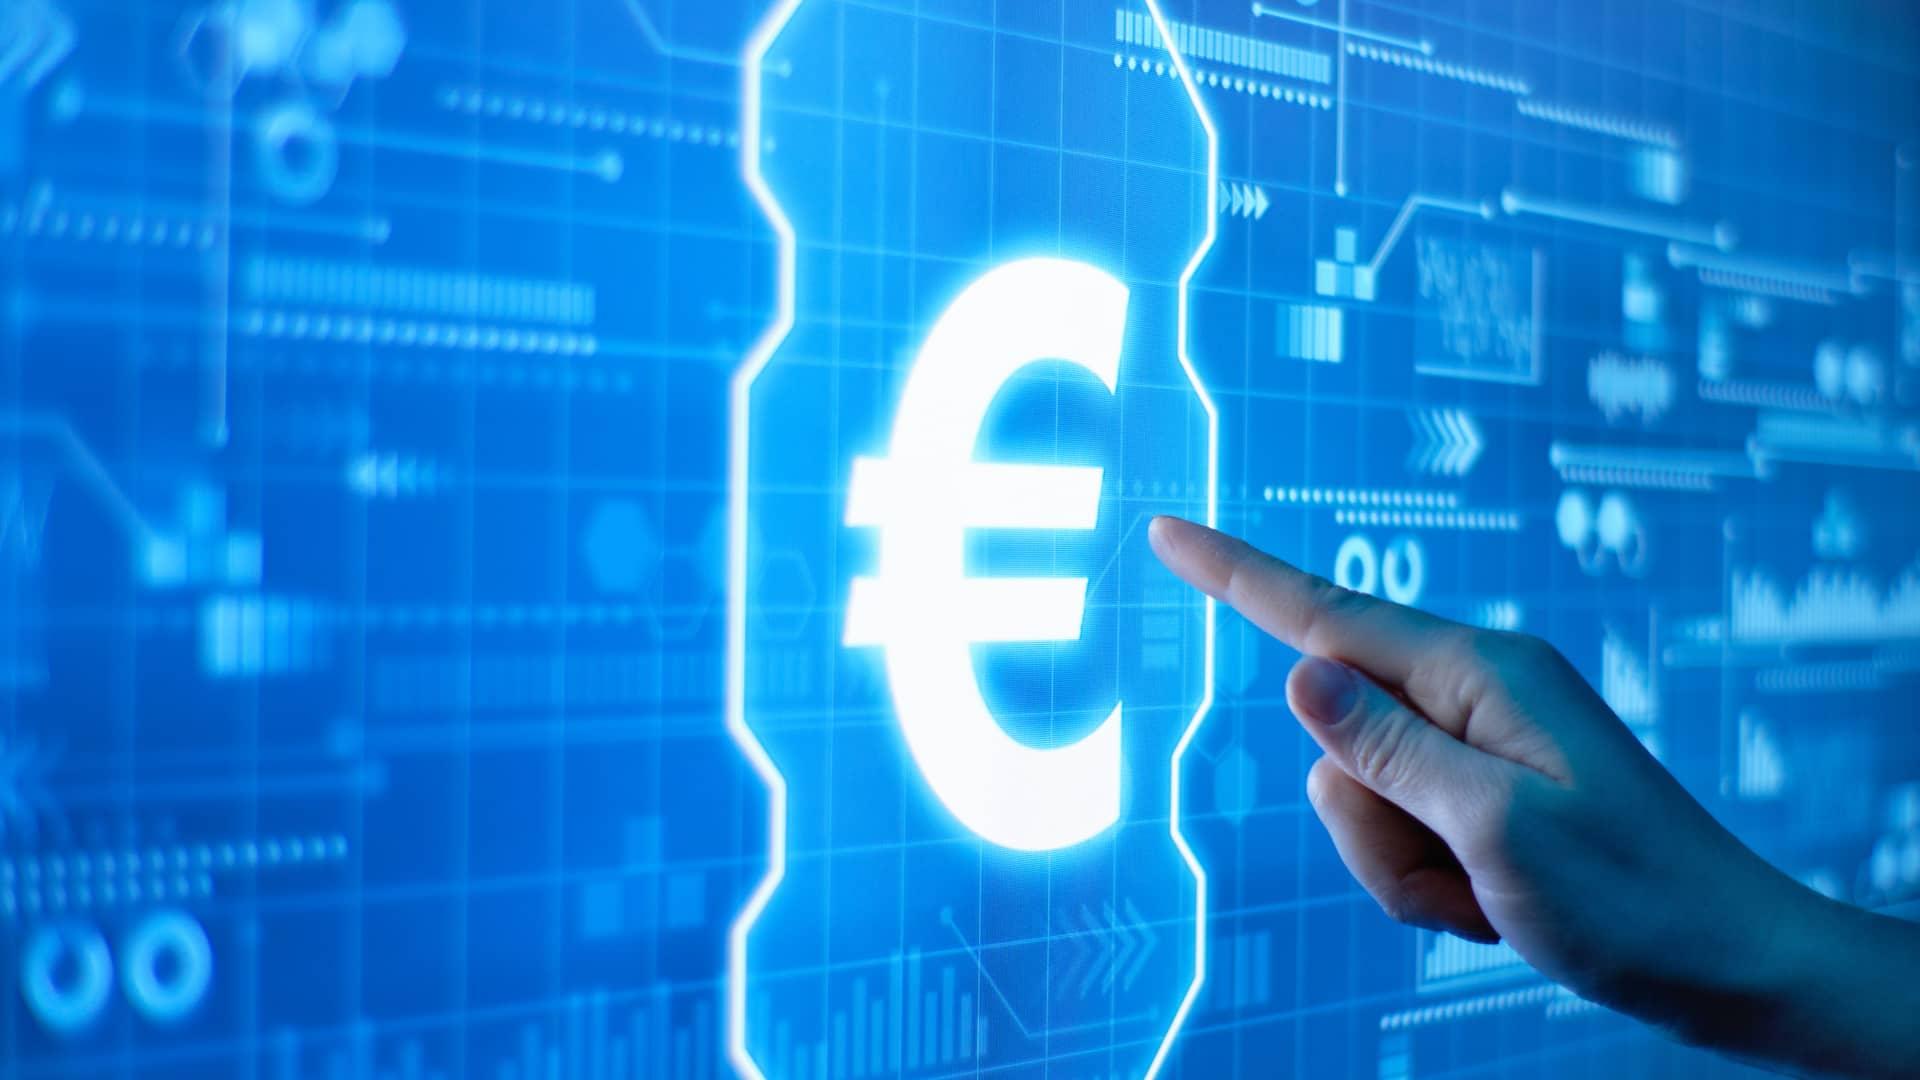 Criptomoneda europea: qué es, ventajas y desventajas